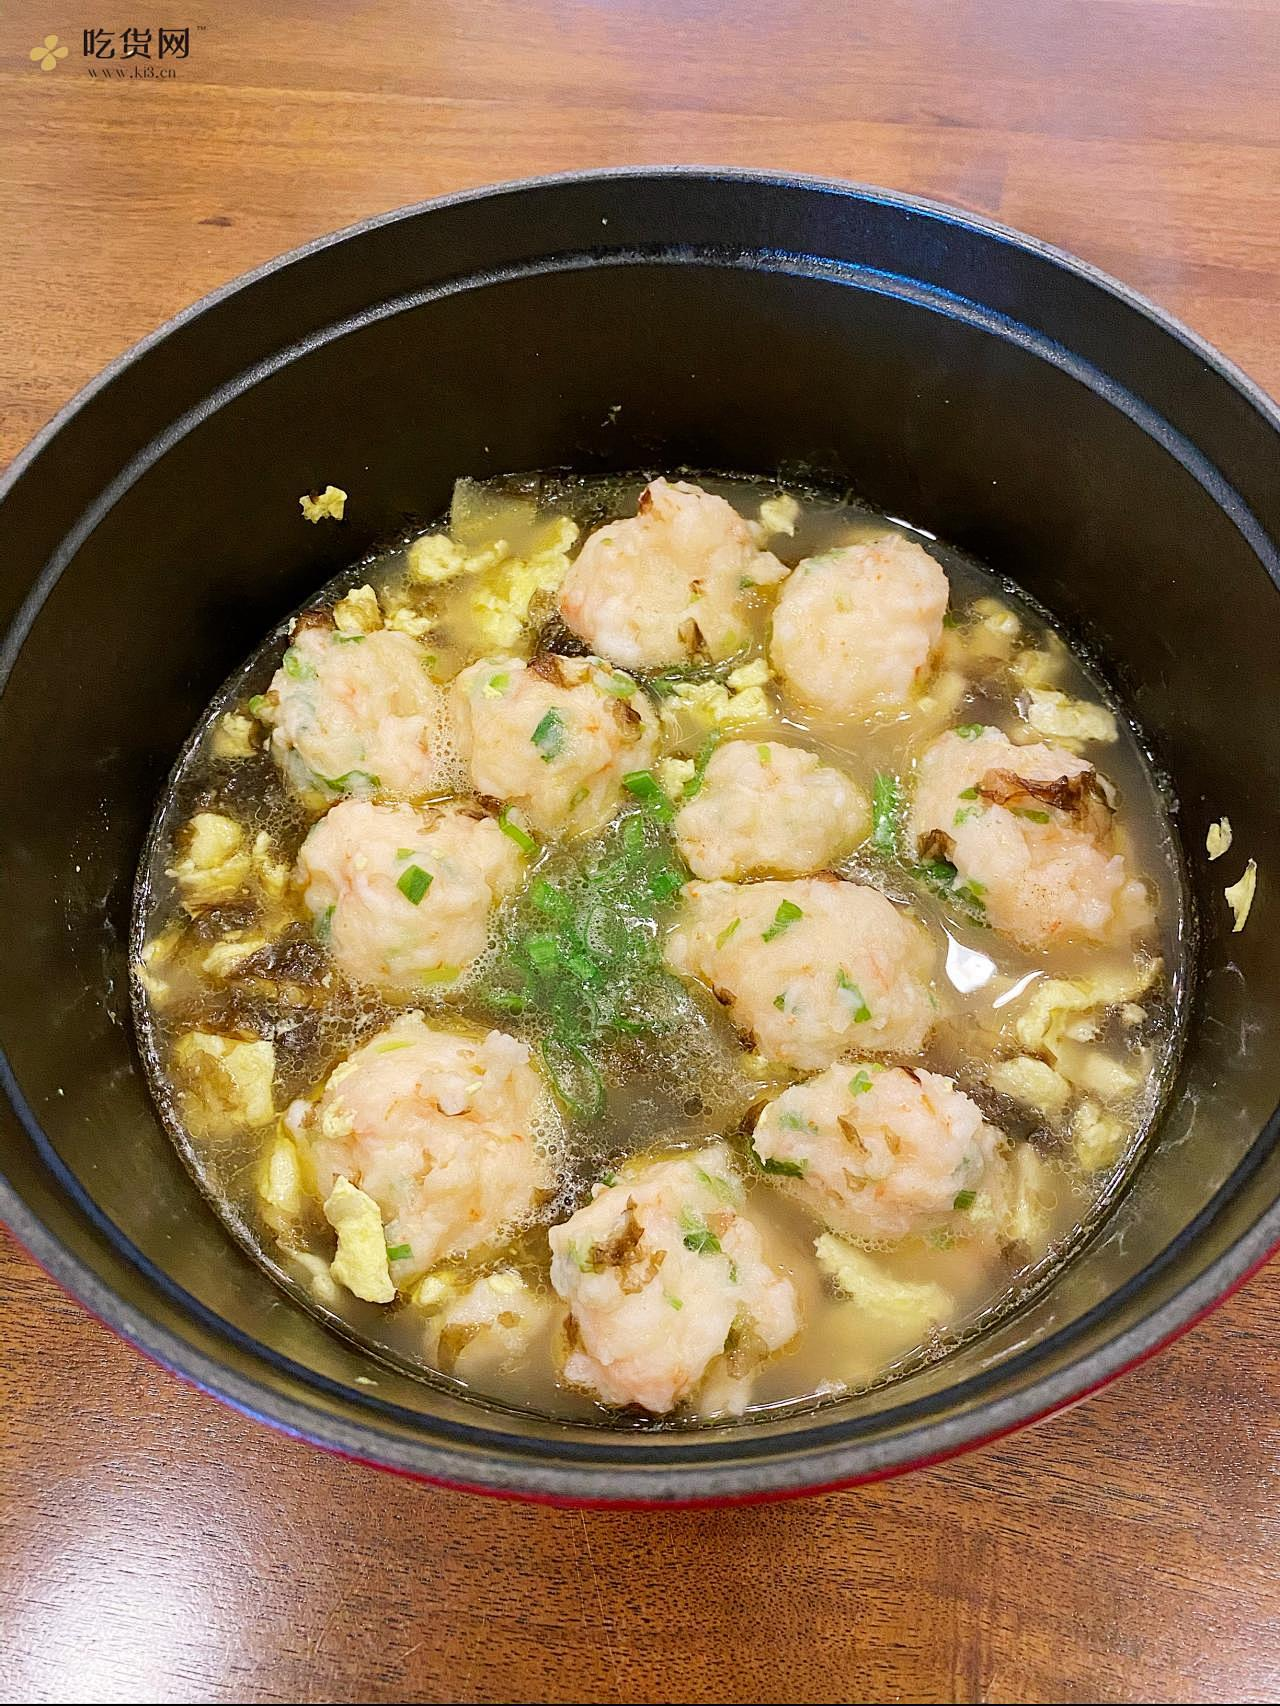 减肥餐:虾滑紫菜蛋花汤的做法 步骤3